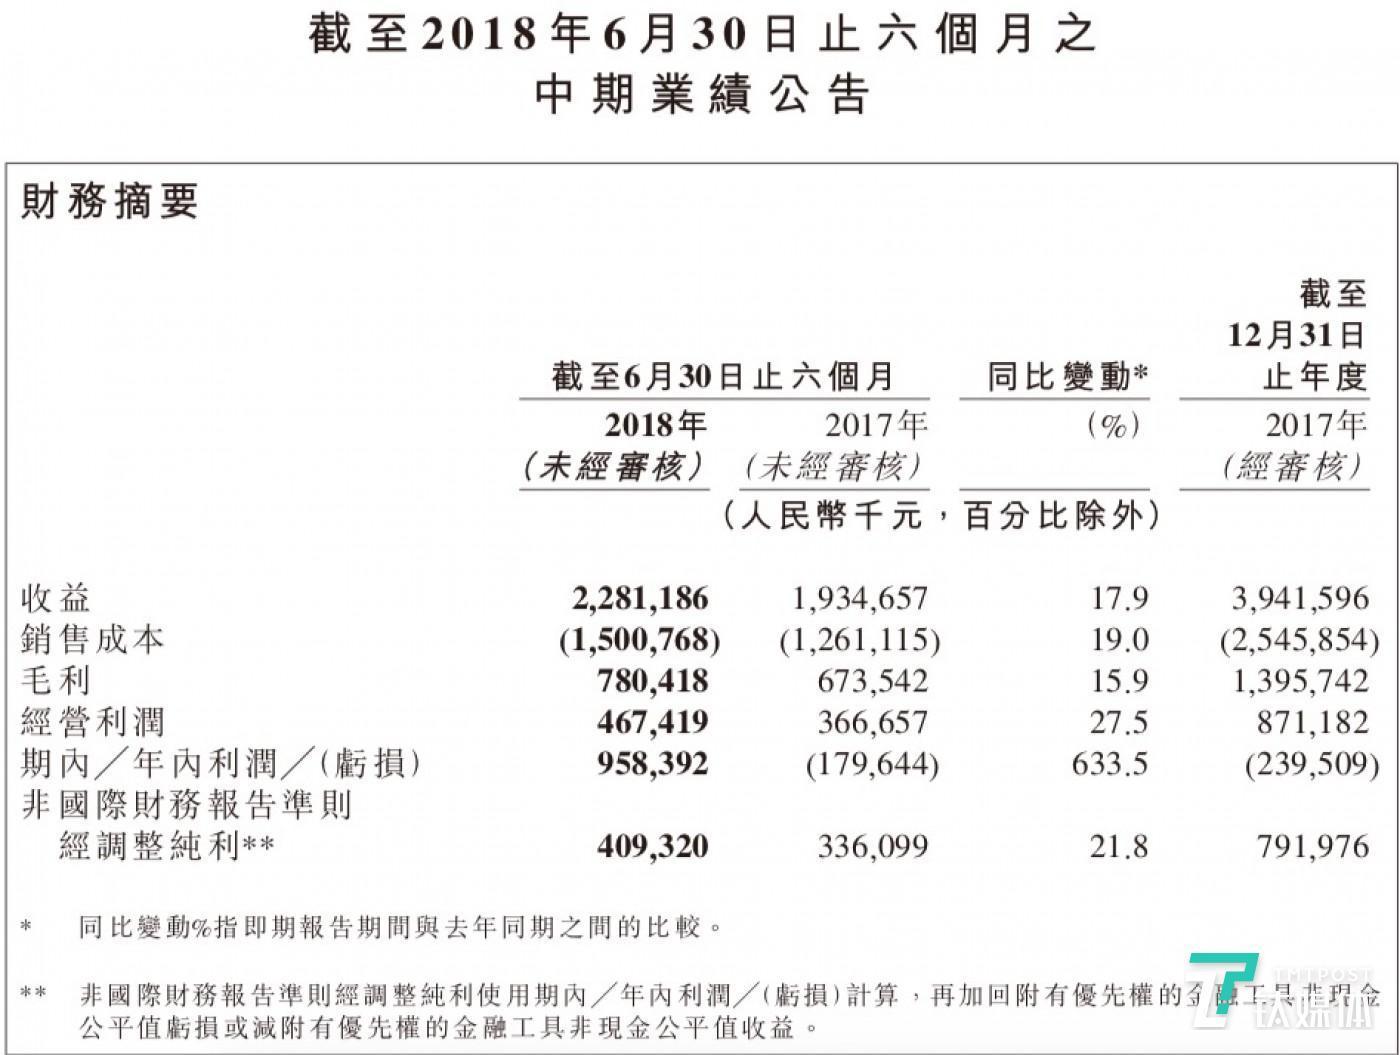 映客2018年中期业绩主要财务数据